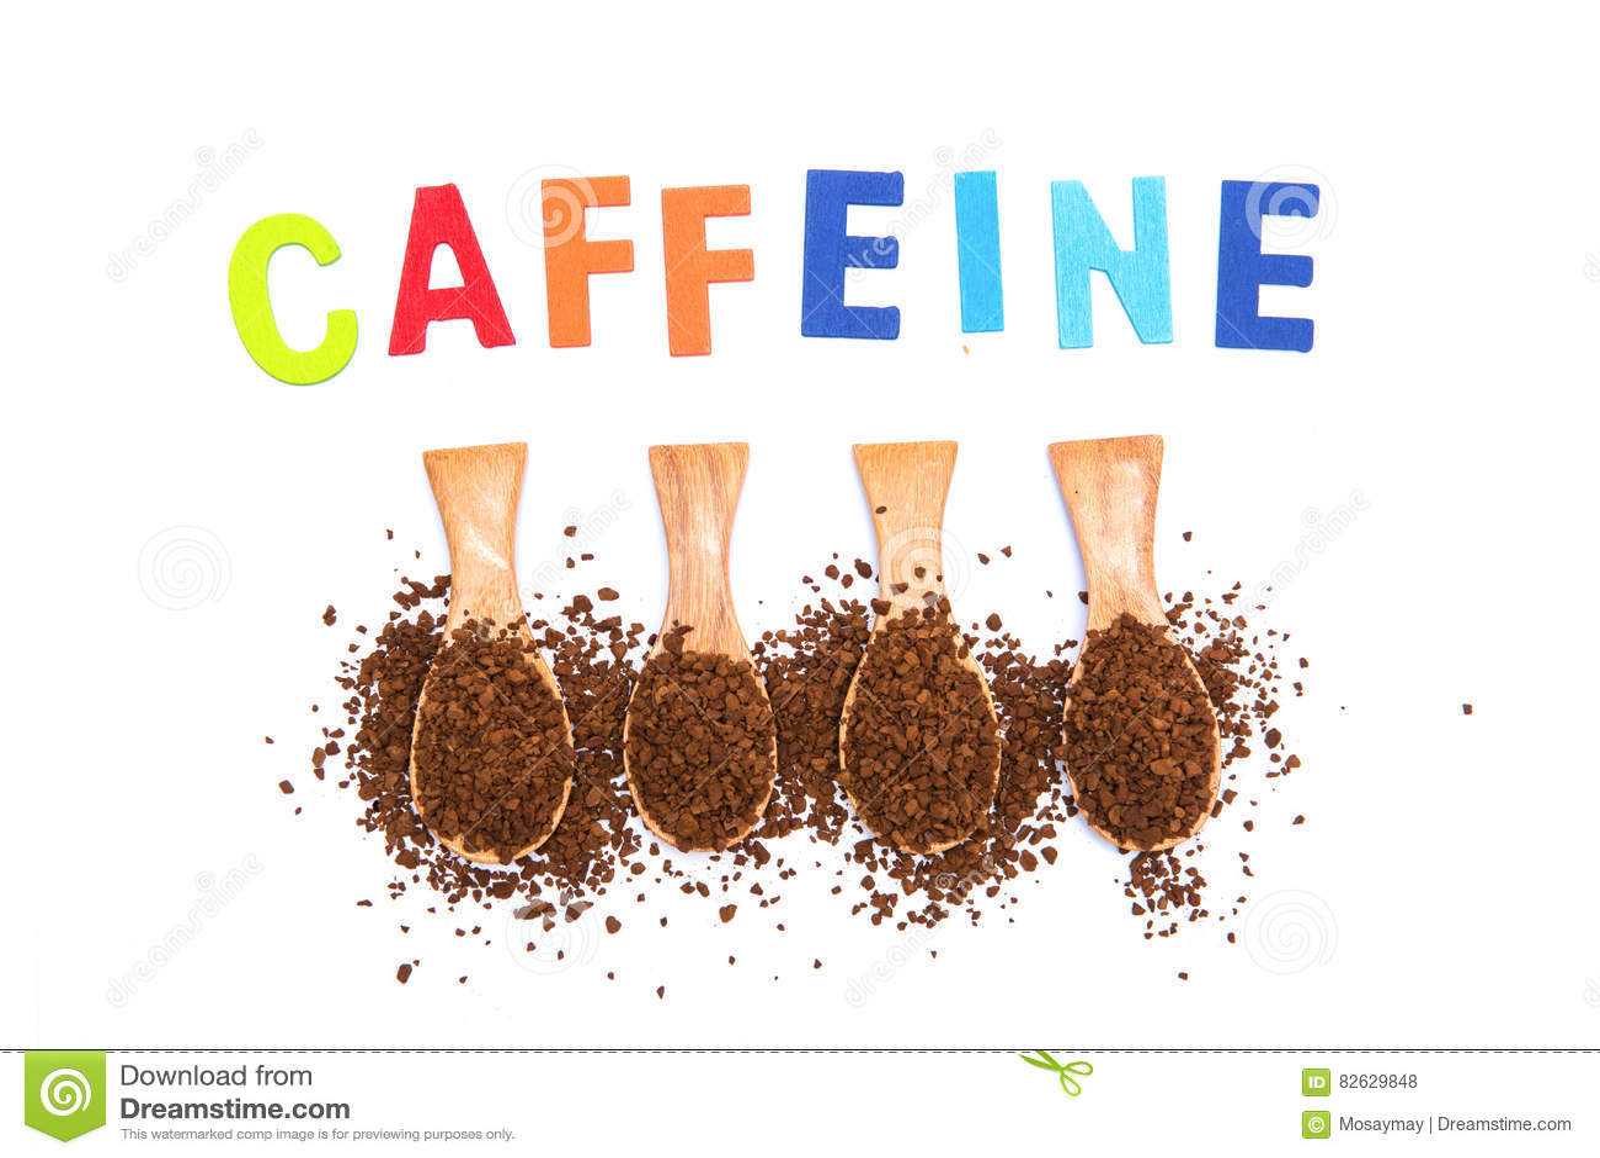 Στιγμιαίος καφές στο ξύλινο κουτάλι με την καφεΐνη λέξης